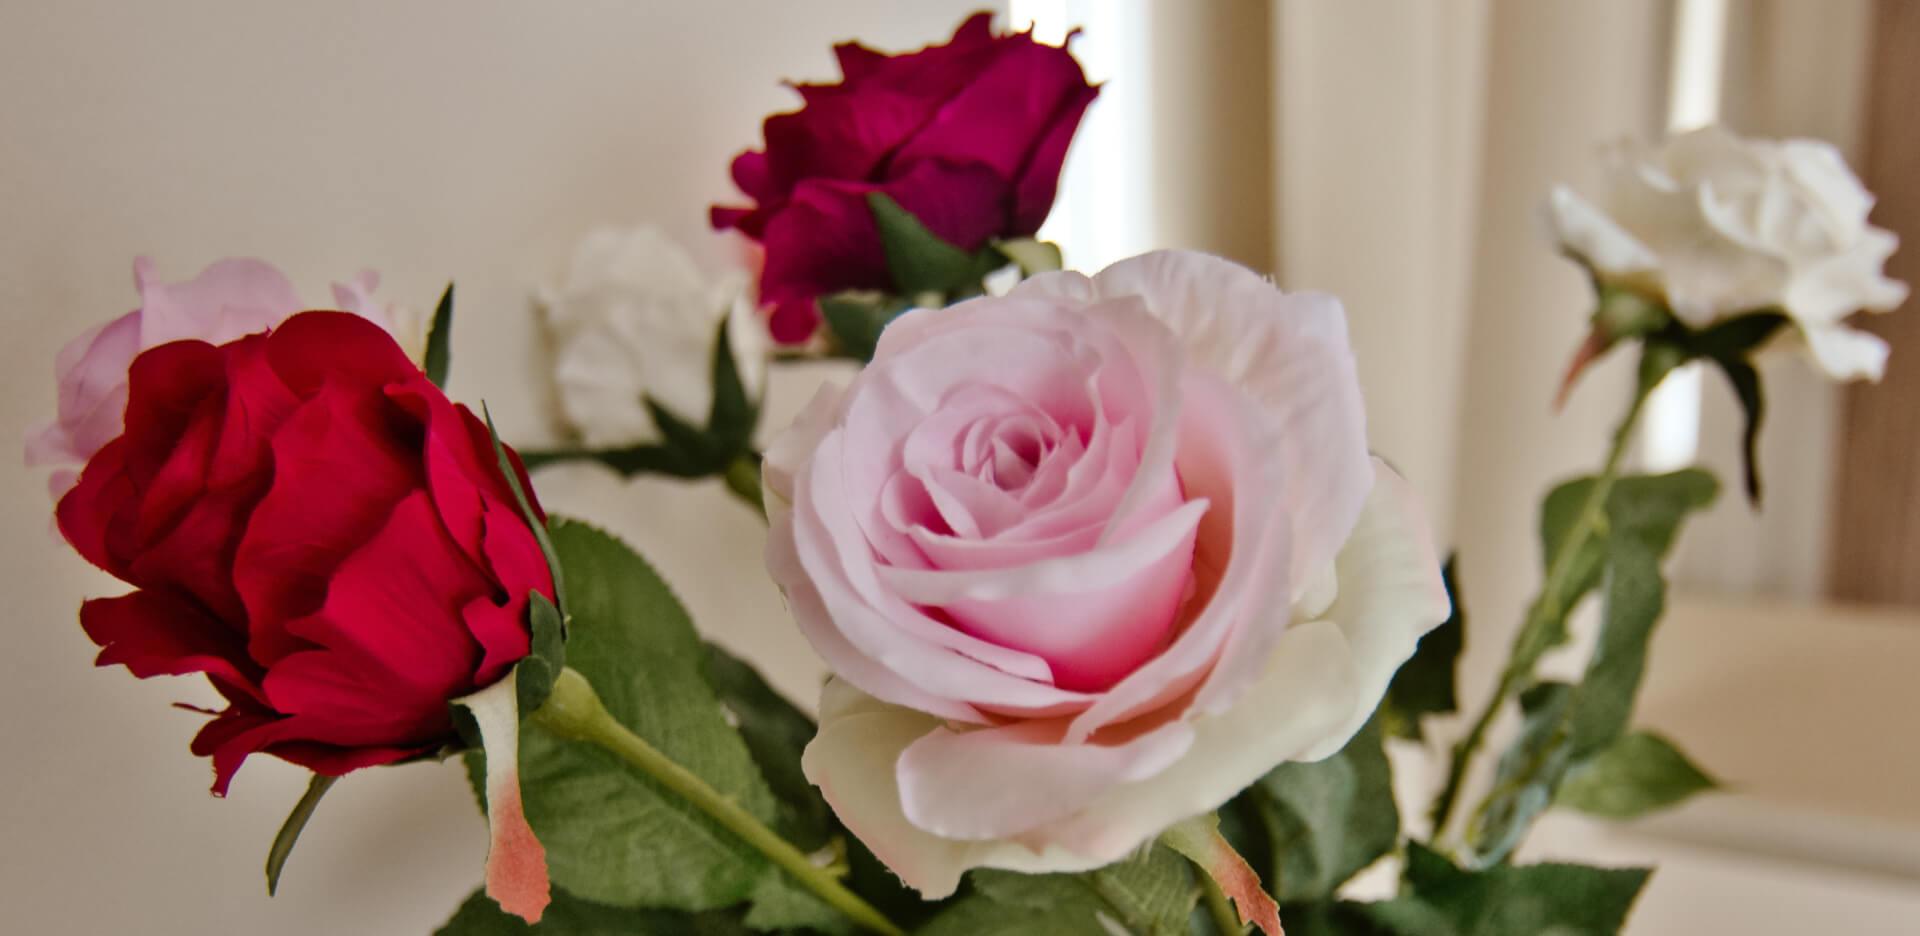 Cvijeće/Flowers/ Fiori